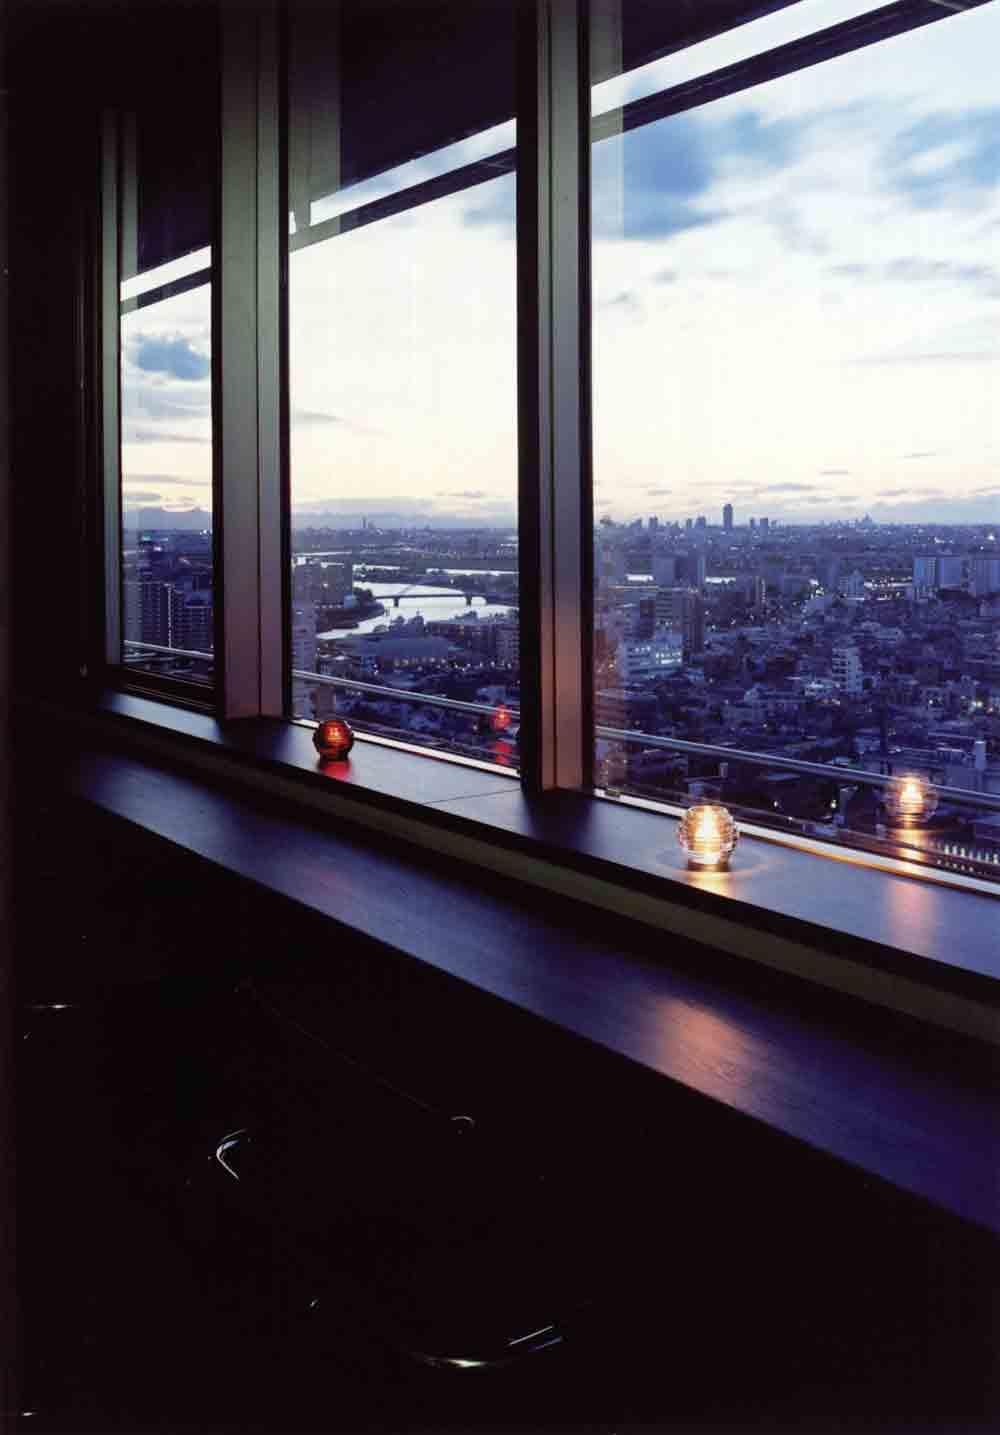 東京花火大祭2018花火の見えるホテルやレストラン情報まとめ